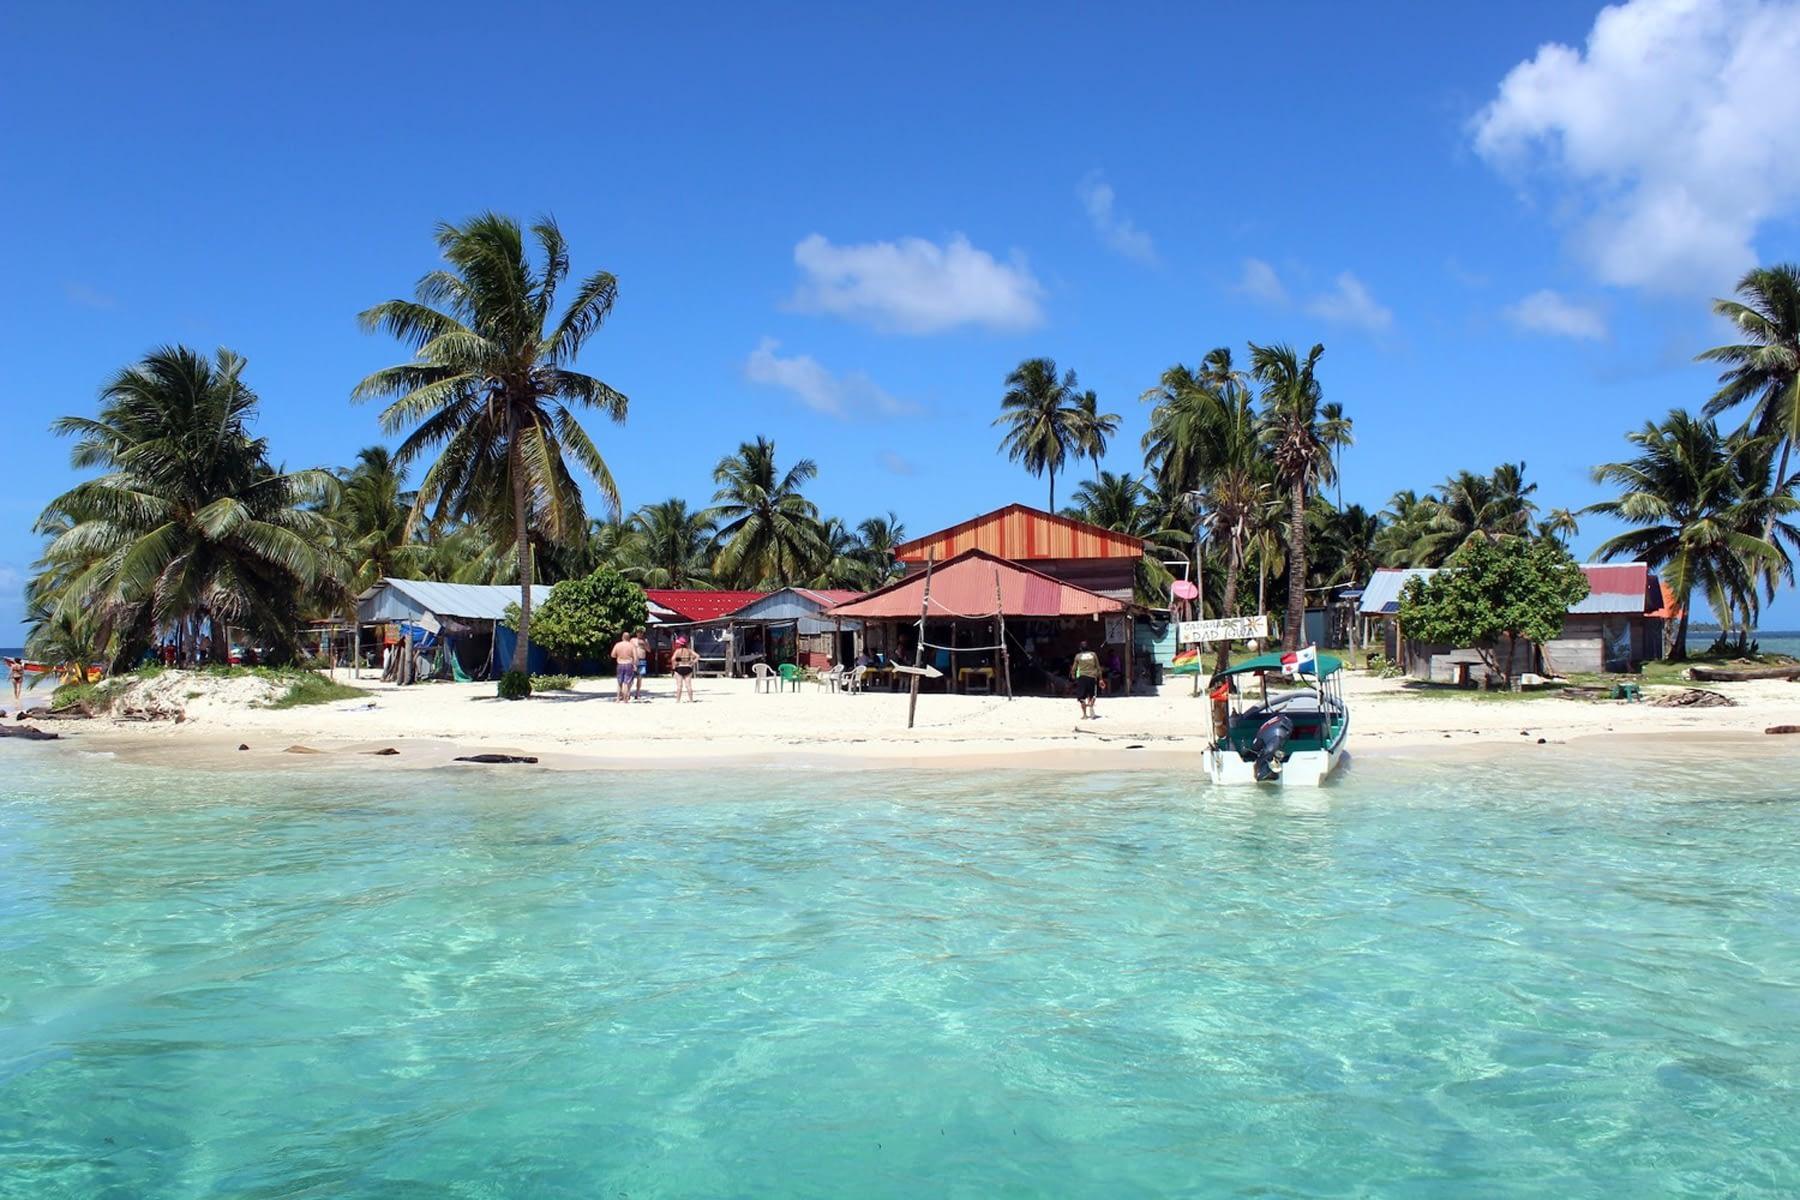 Isla Niadub